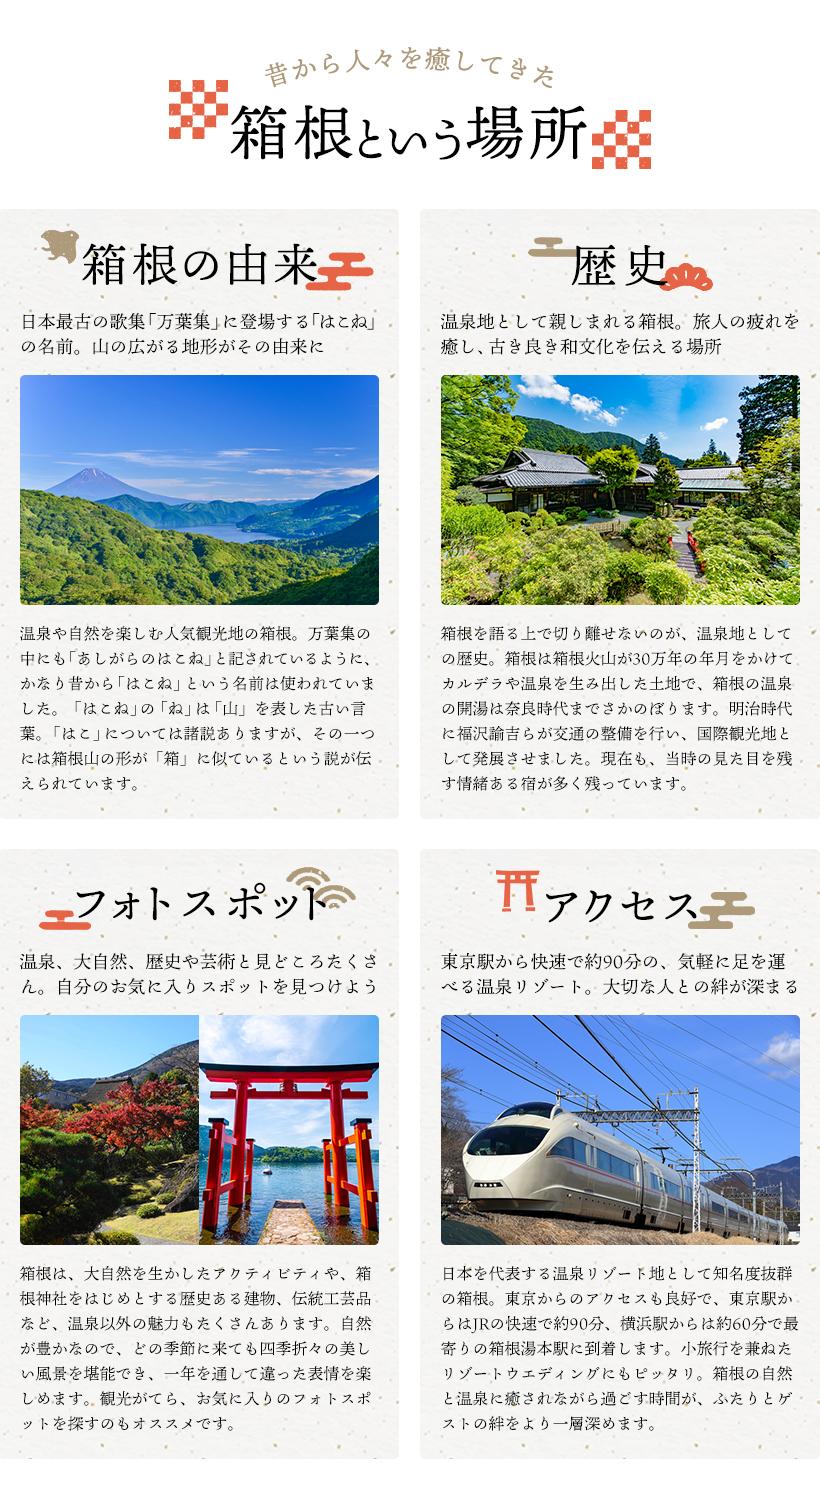 箱根という場所のご紹介